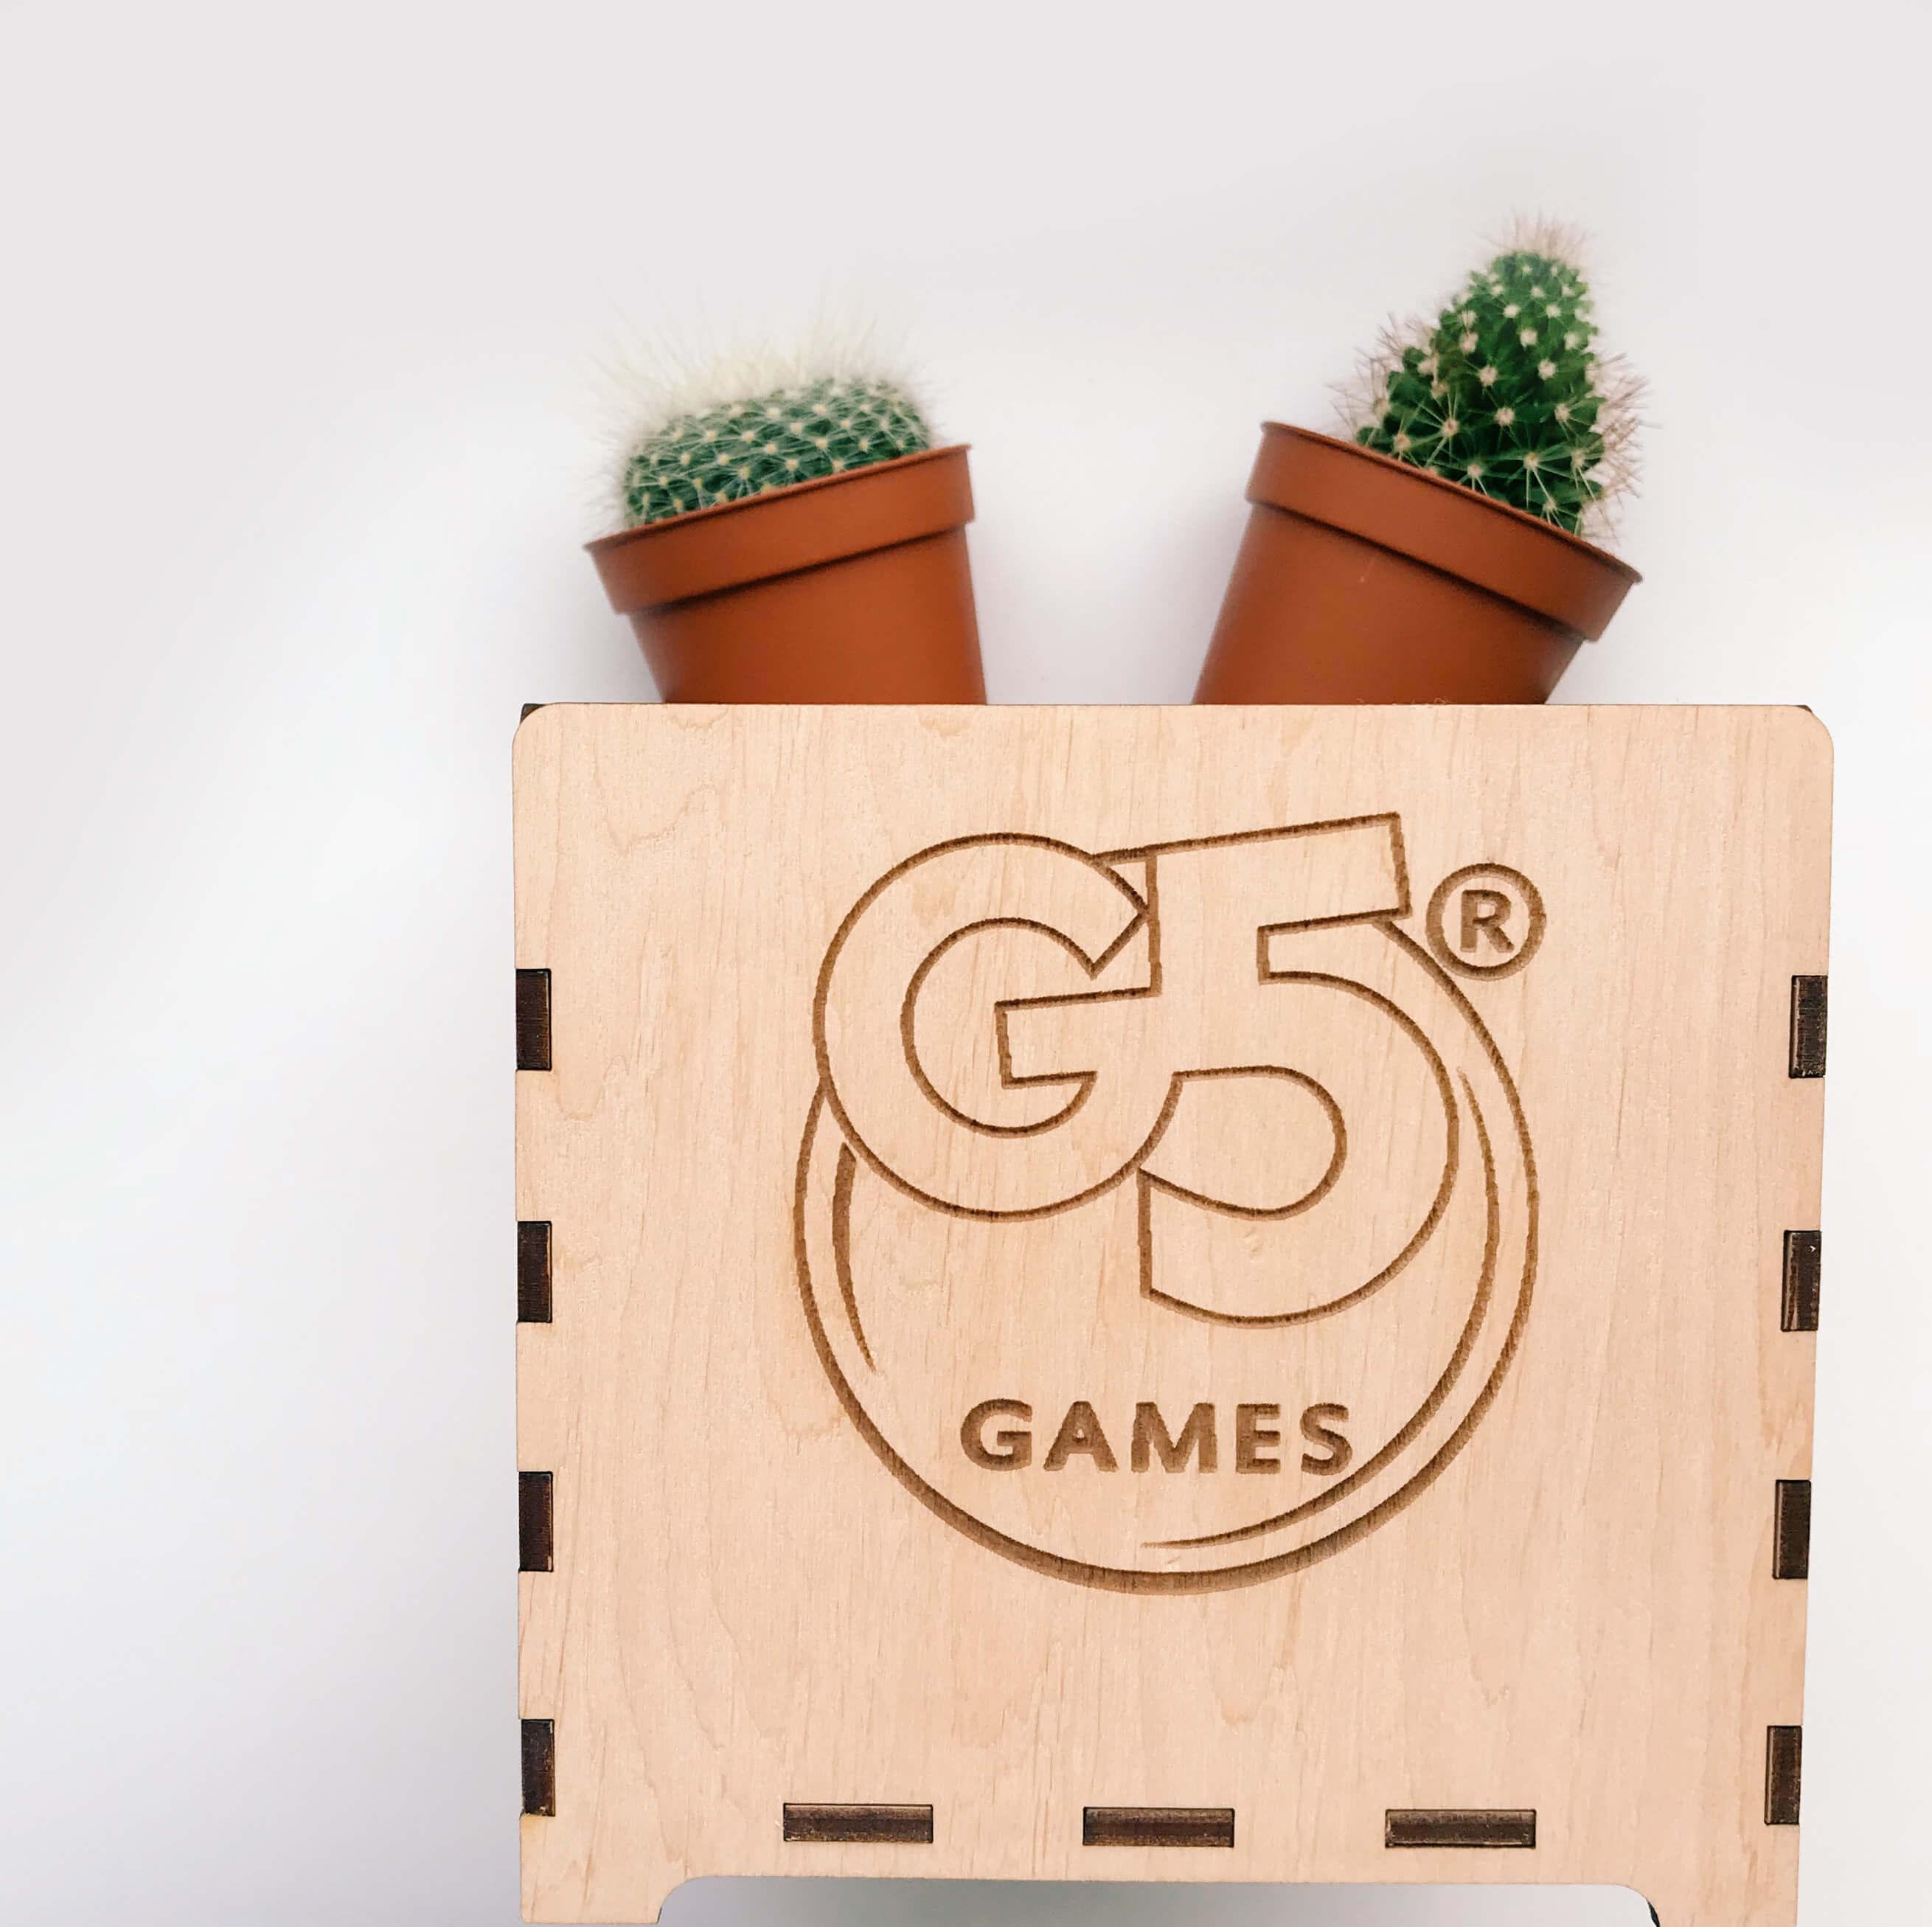 Дерев'яна коробочка для компанії «G5 GAMES»